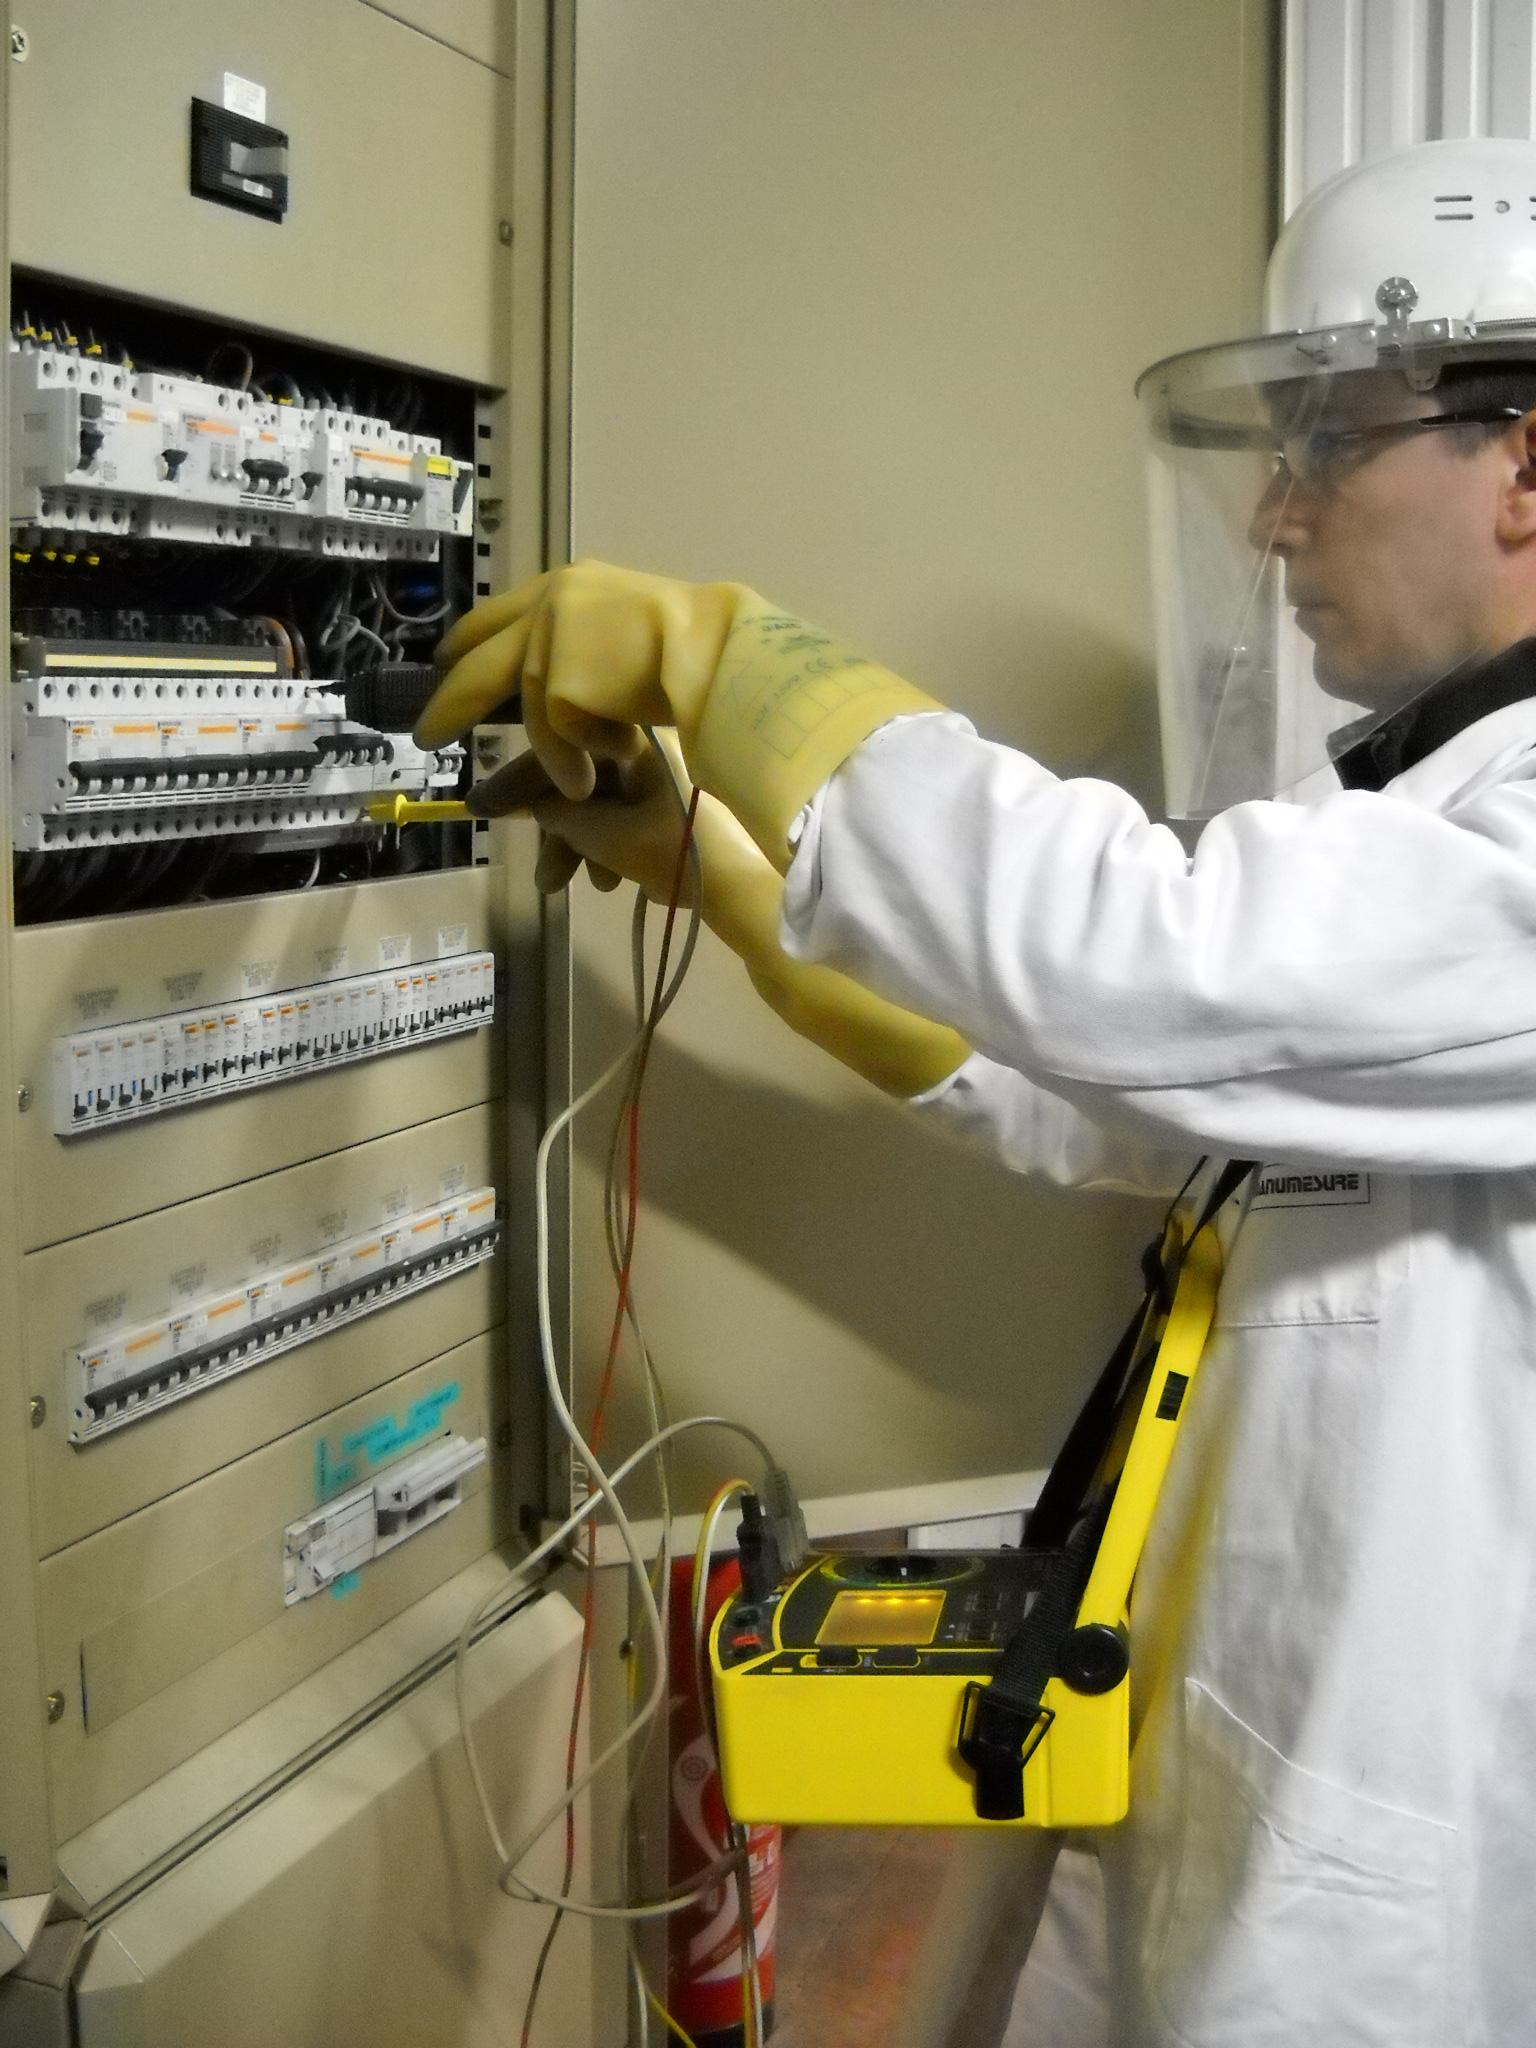 V rifications p riodiques des installations lectriques manumesure - Verification des installations electriques ...